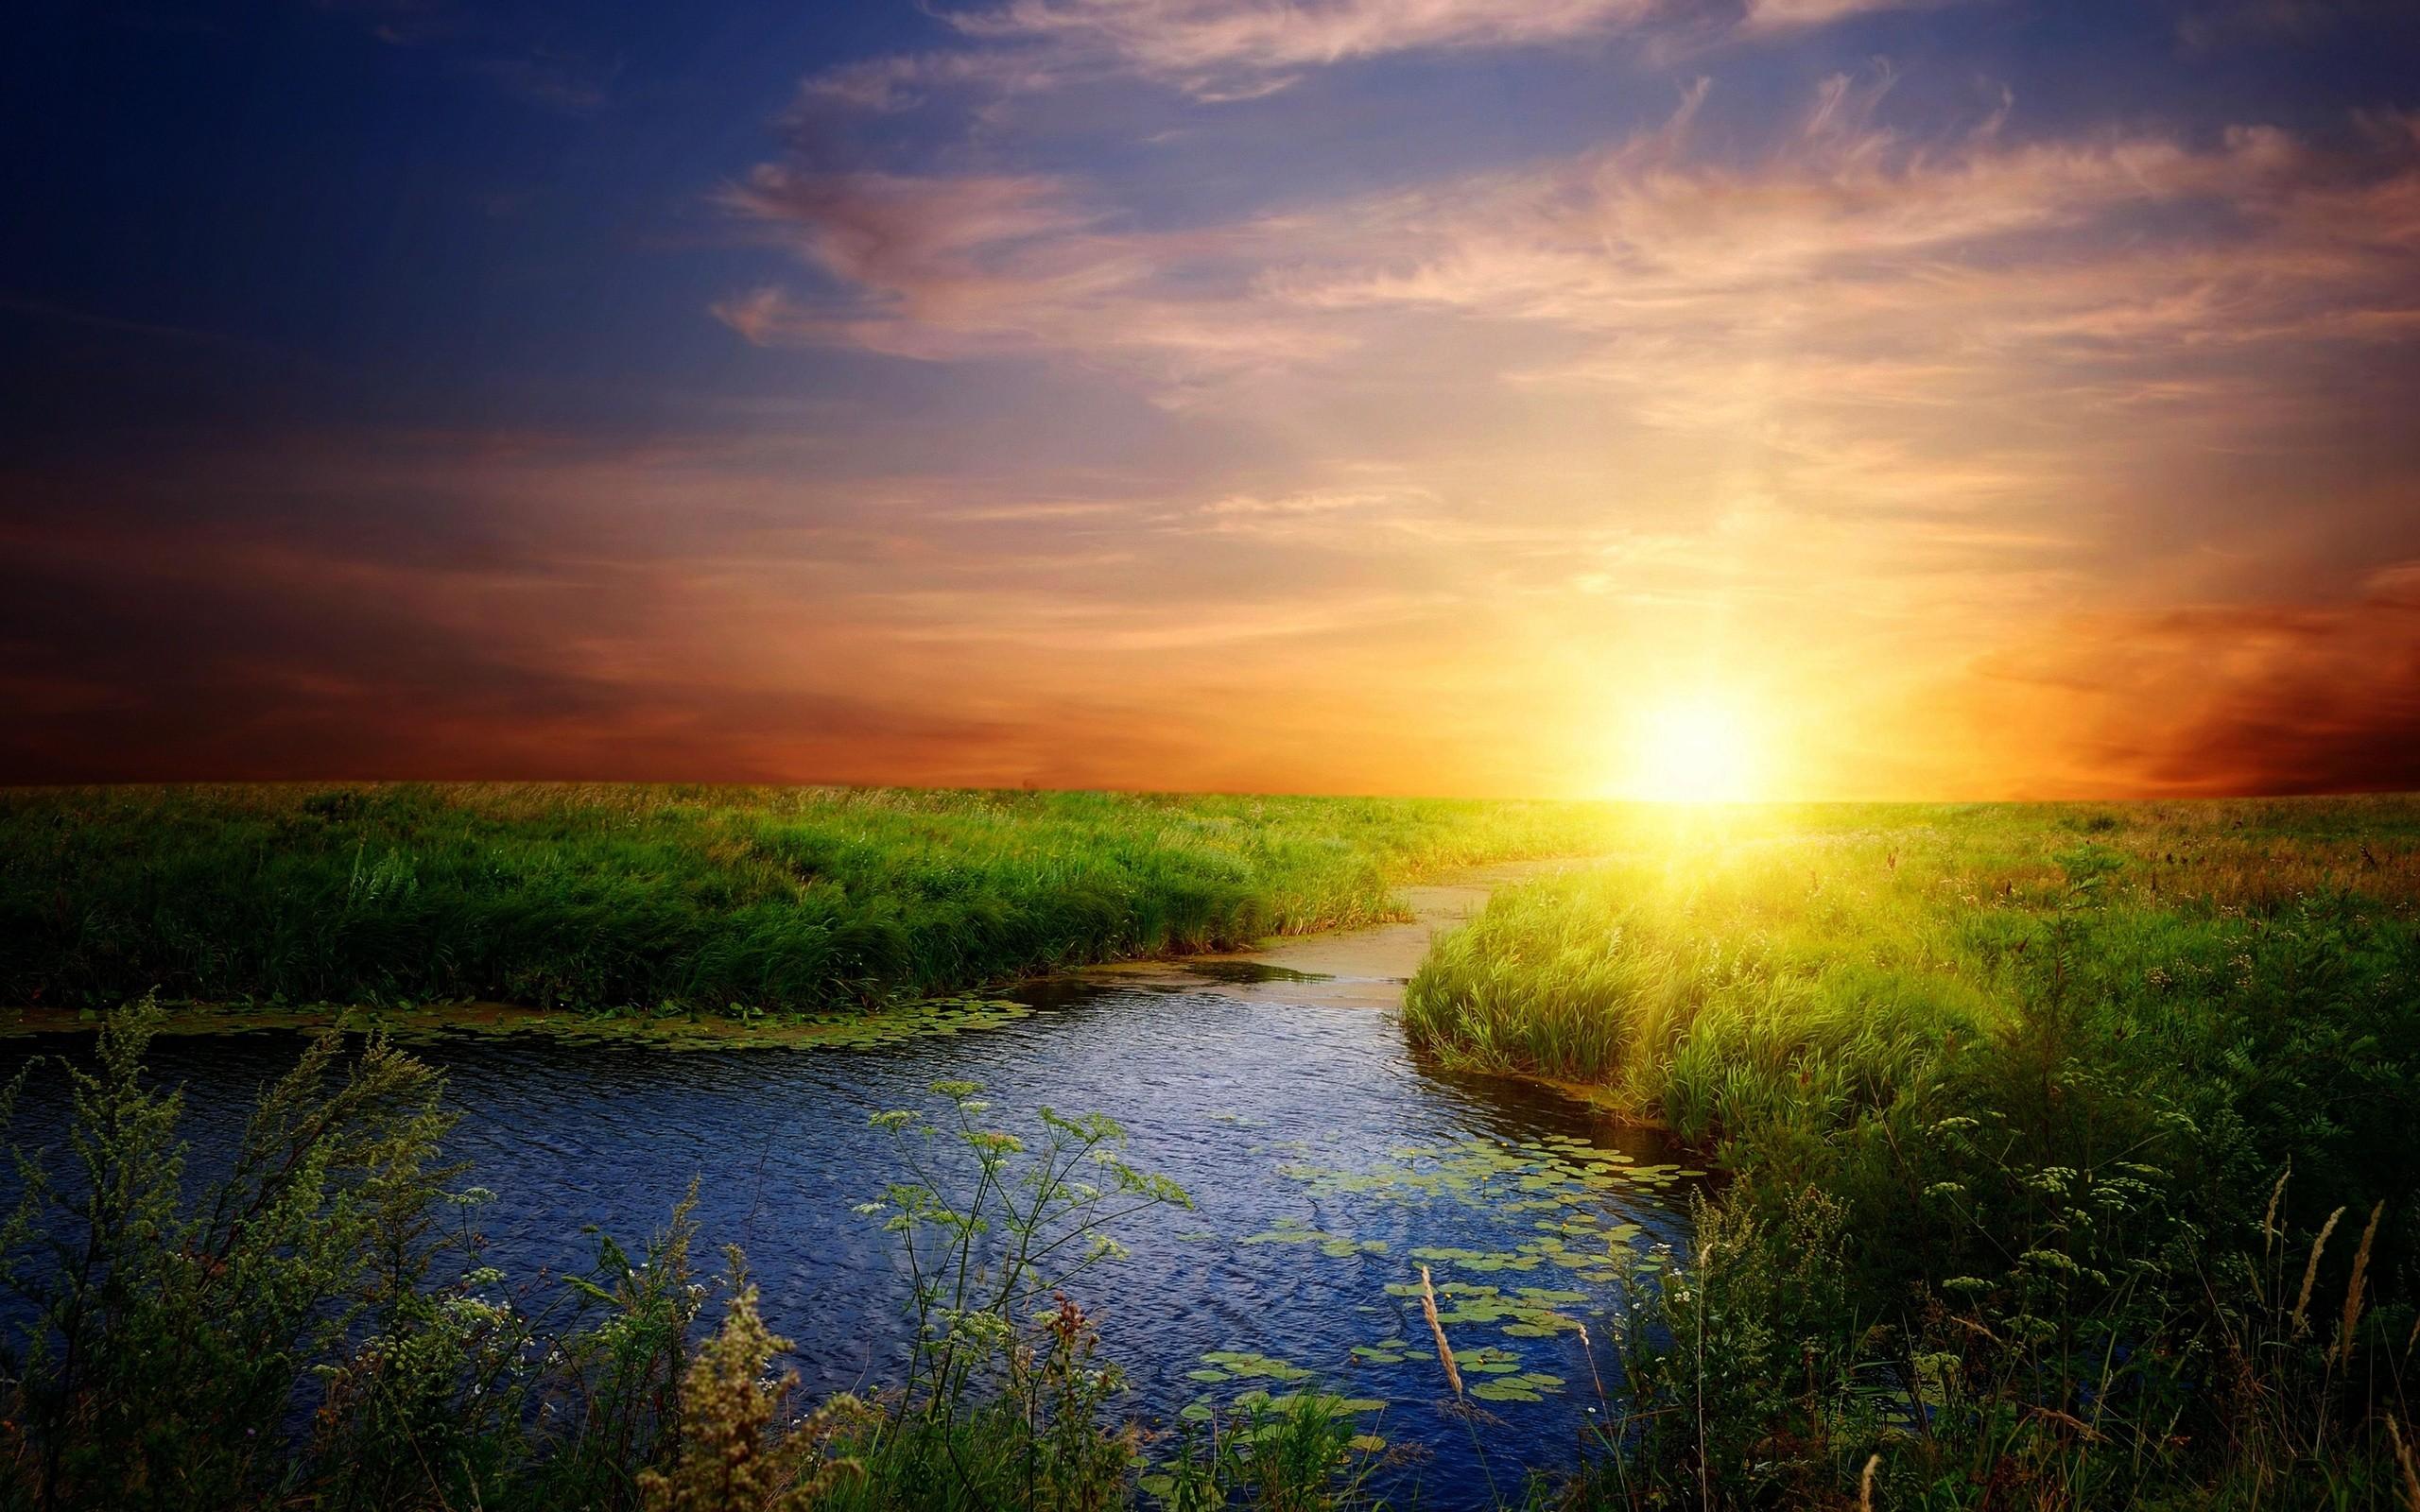 Sunrise Background Images